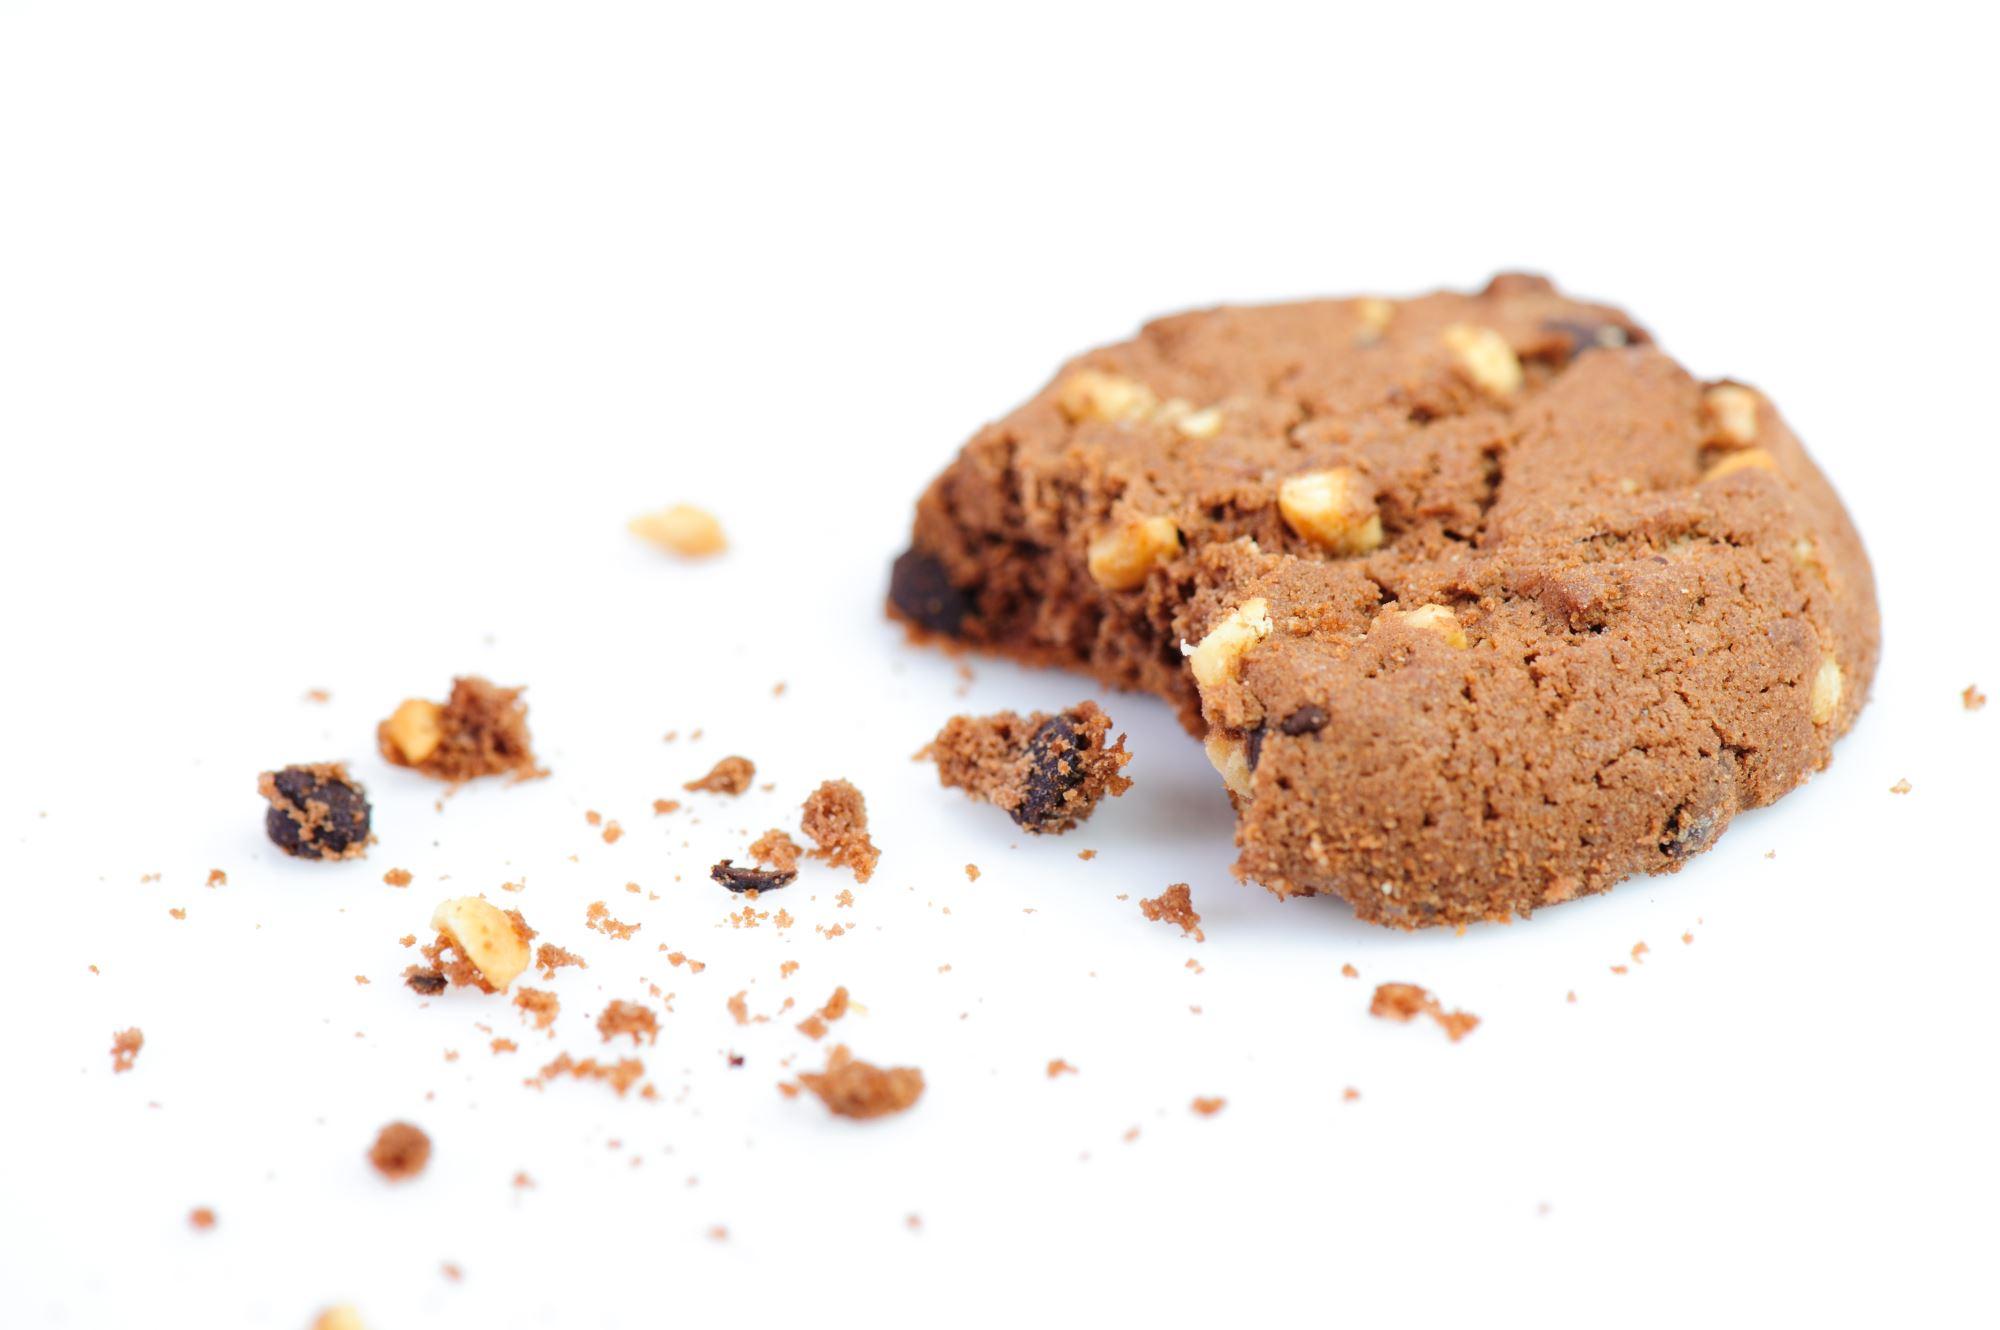 Chokolade- og nøddesmåkager